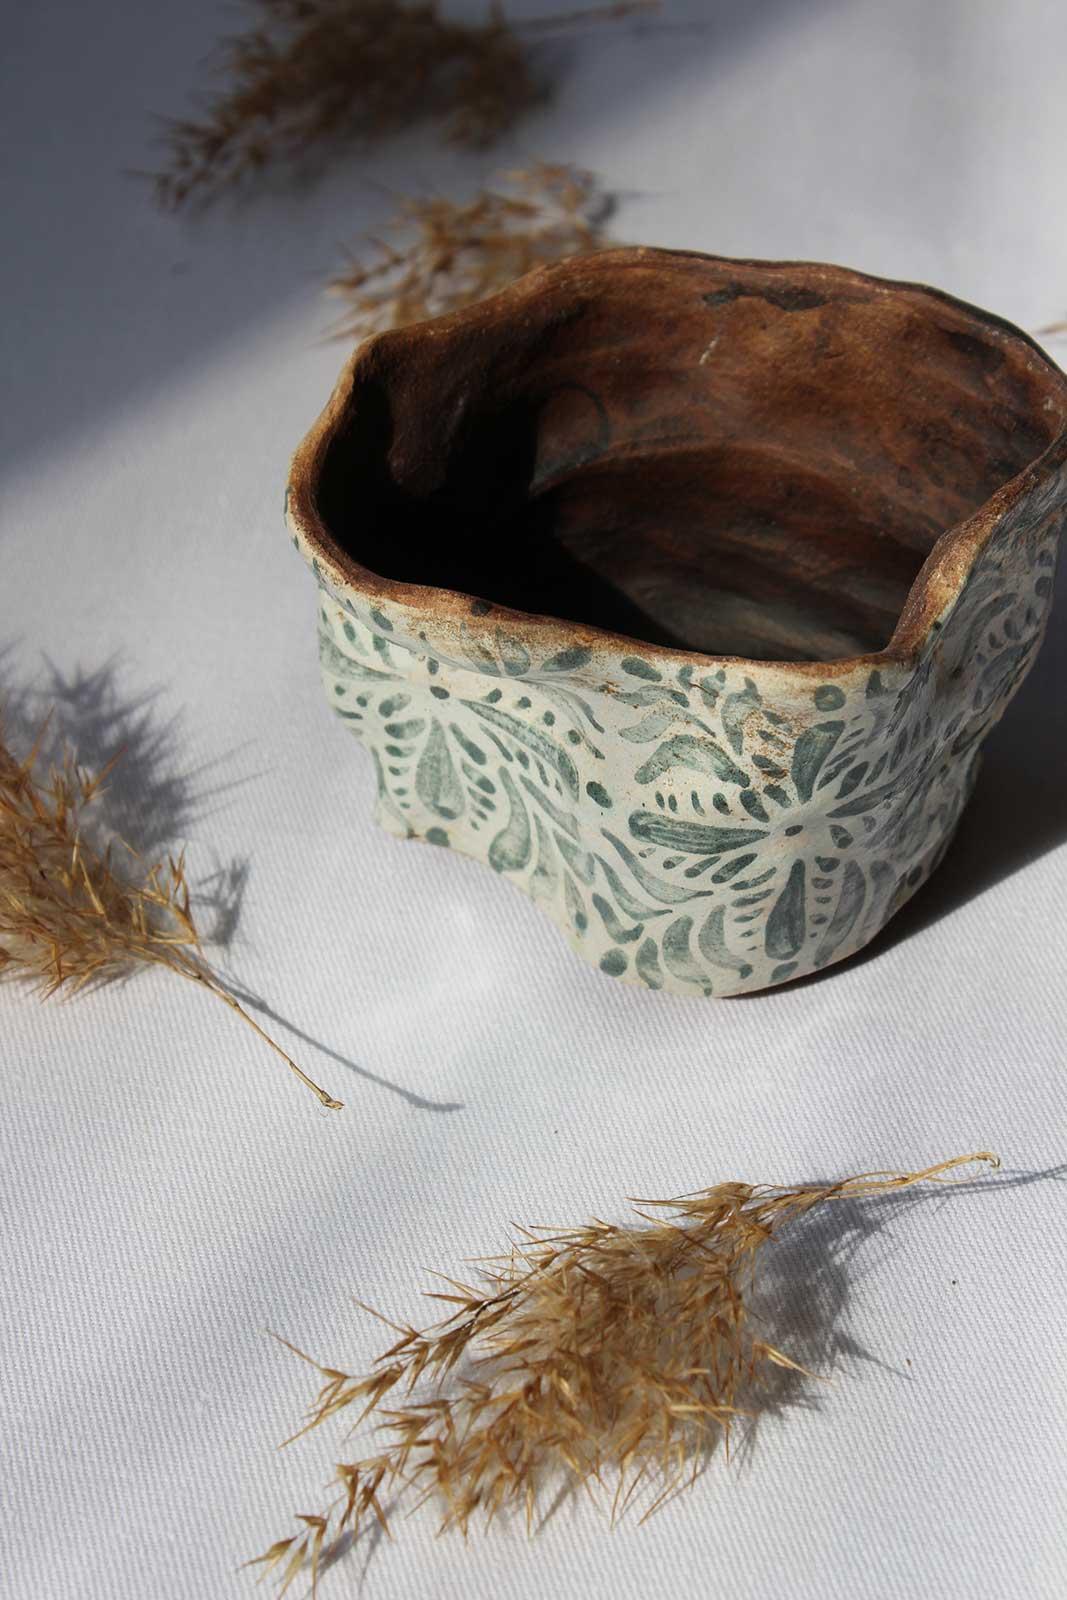 Вид сбоку - Декоративный горшок для цветов (Ручная работа)